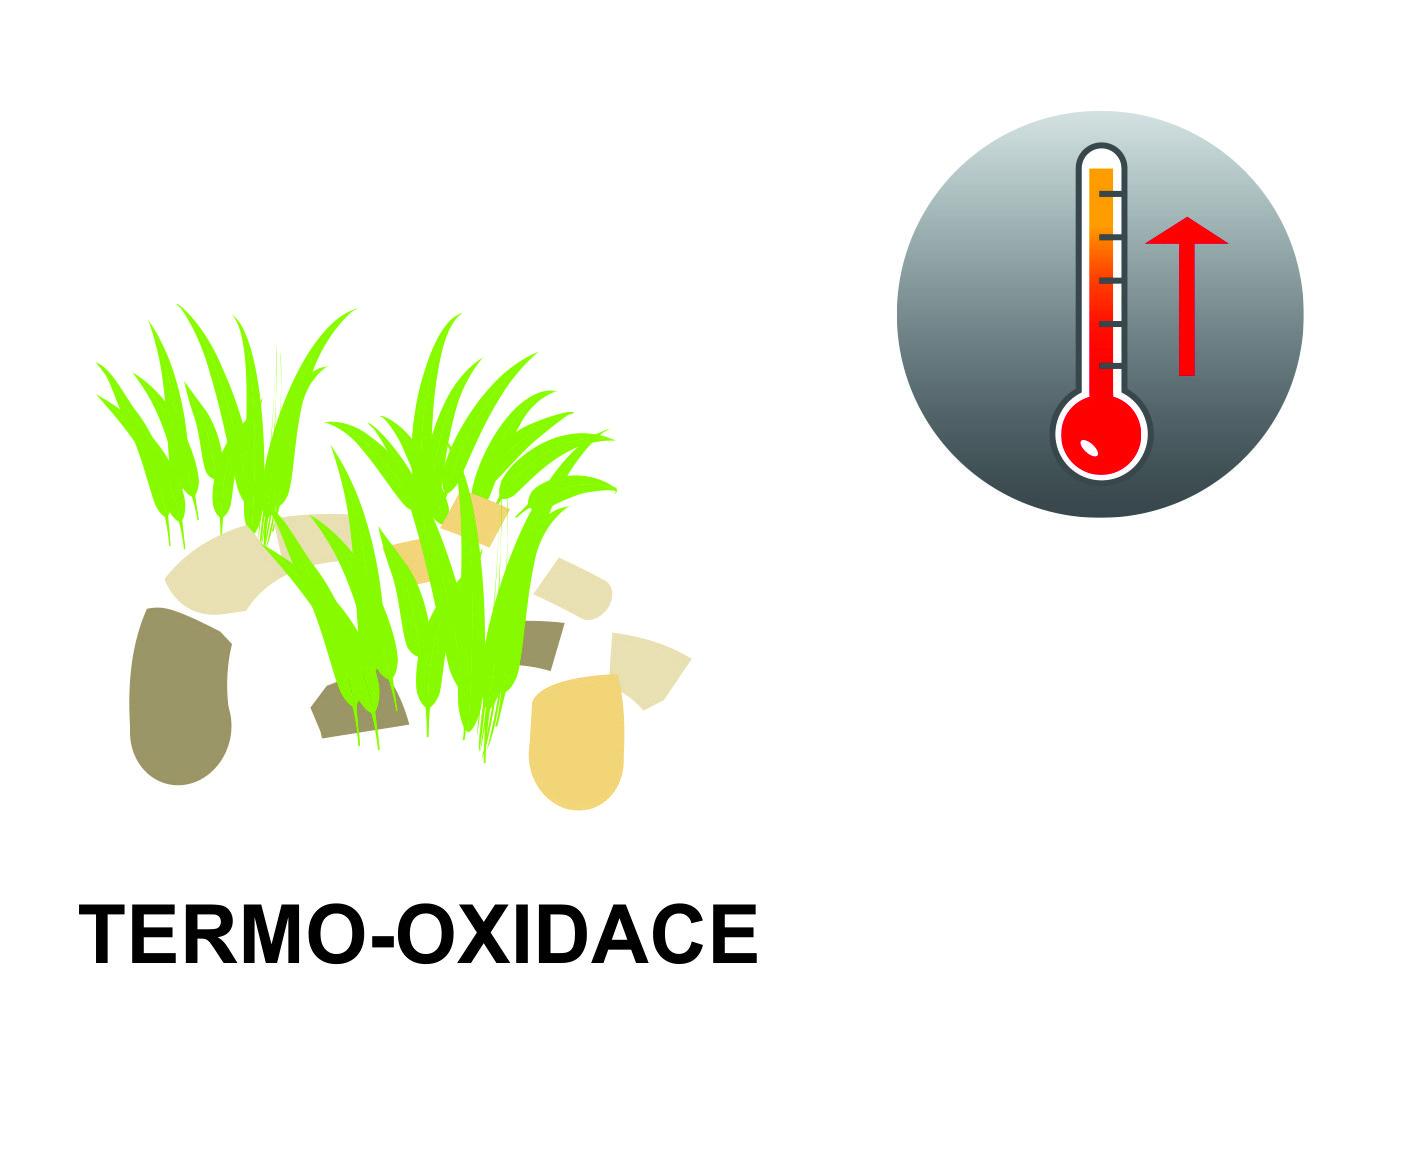 Termo-oxidace